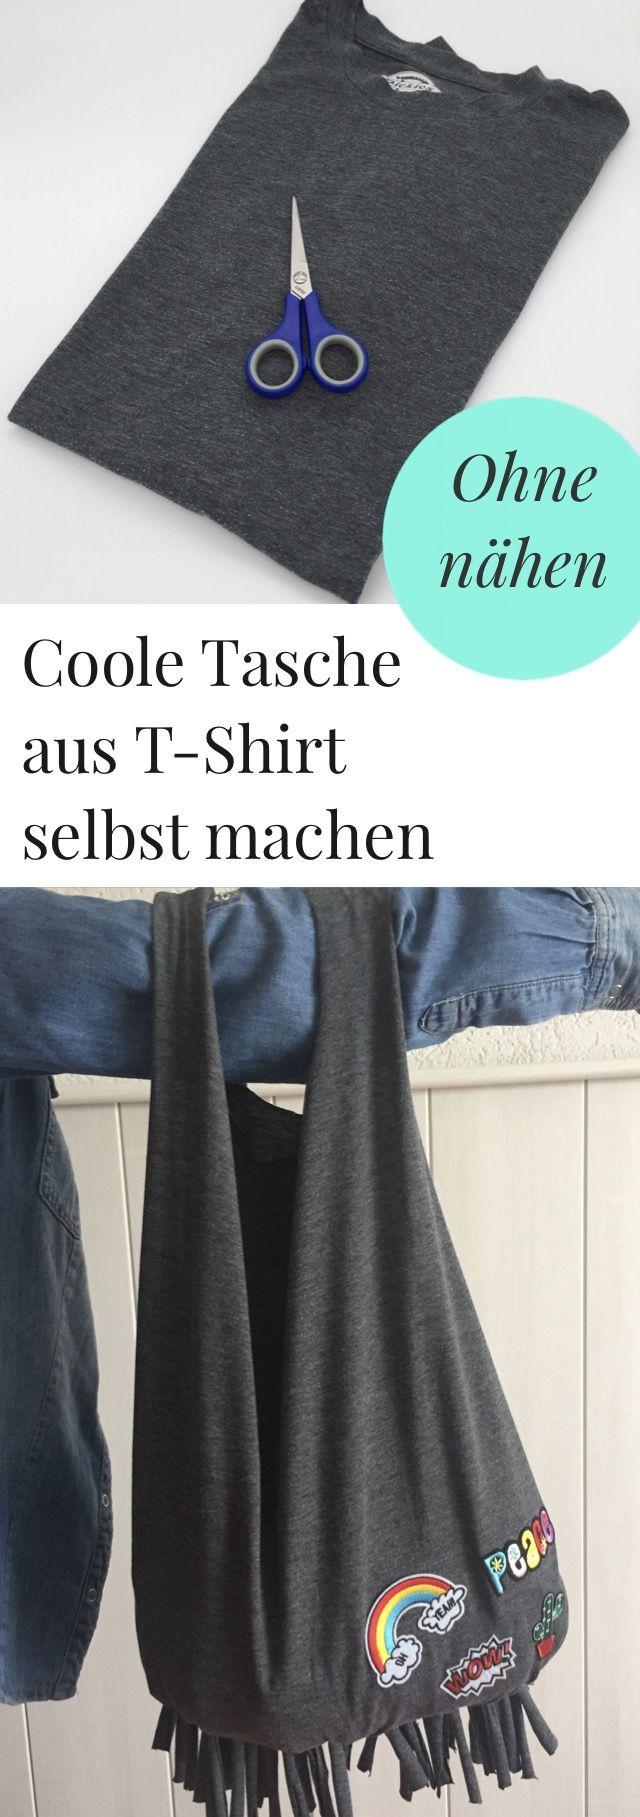 Tasche ohne nähen aus einem T-Shirt selber machen